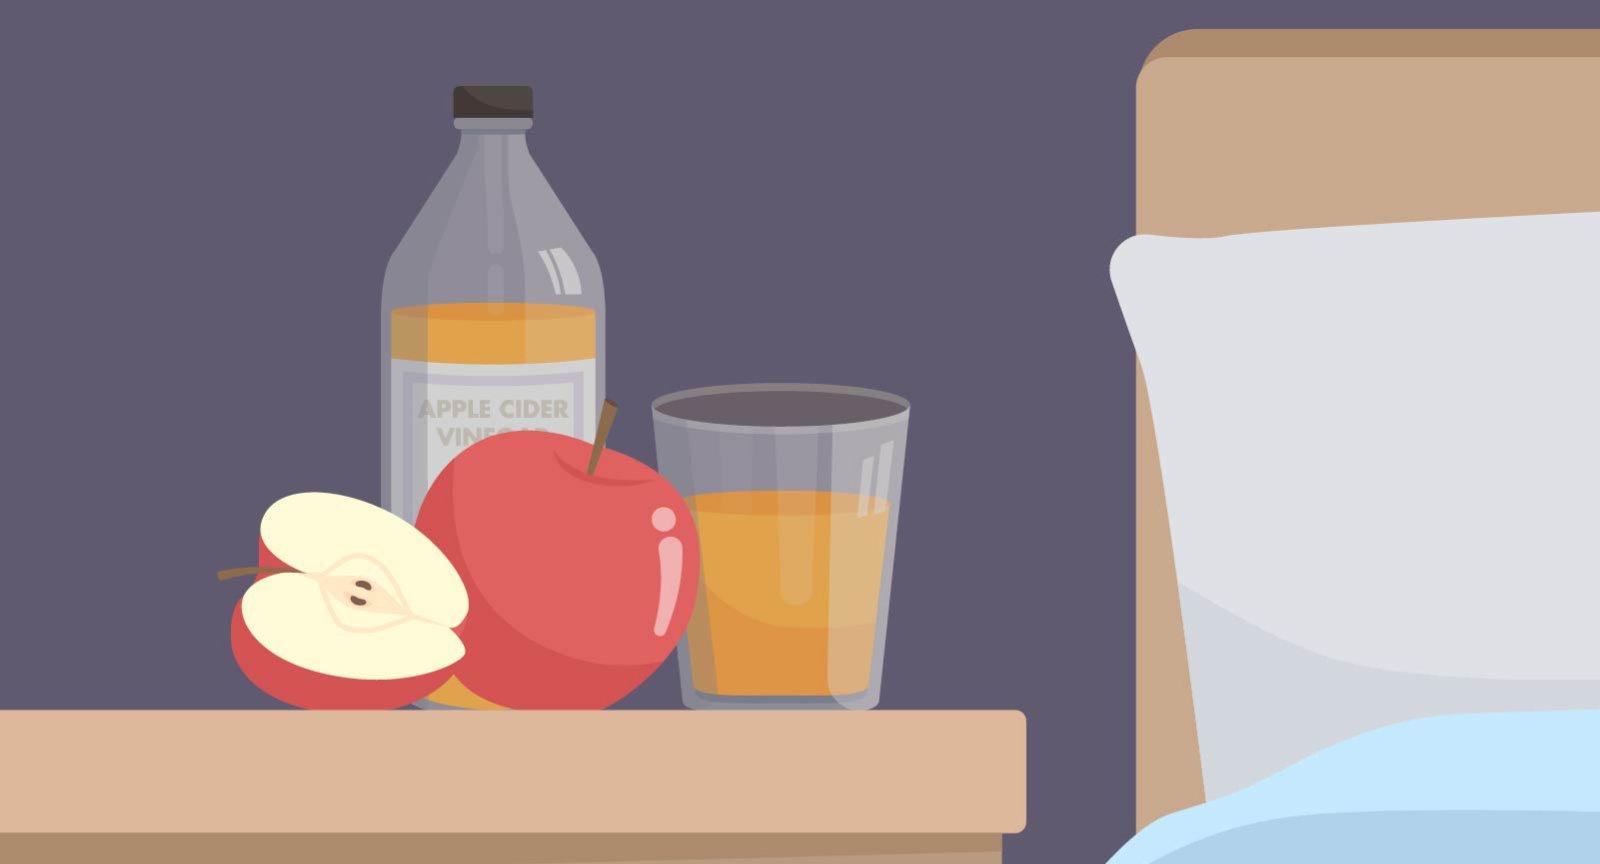 Apfelessig vor dem Schlafen: Es soll unter anderem die Verdauung anregen und das Immunsystem stärken.